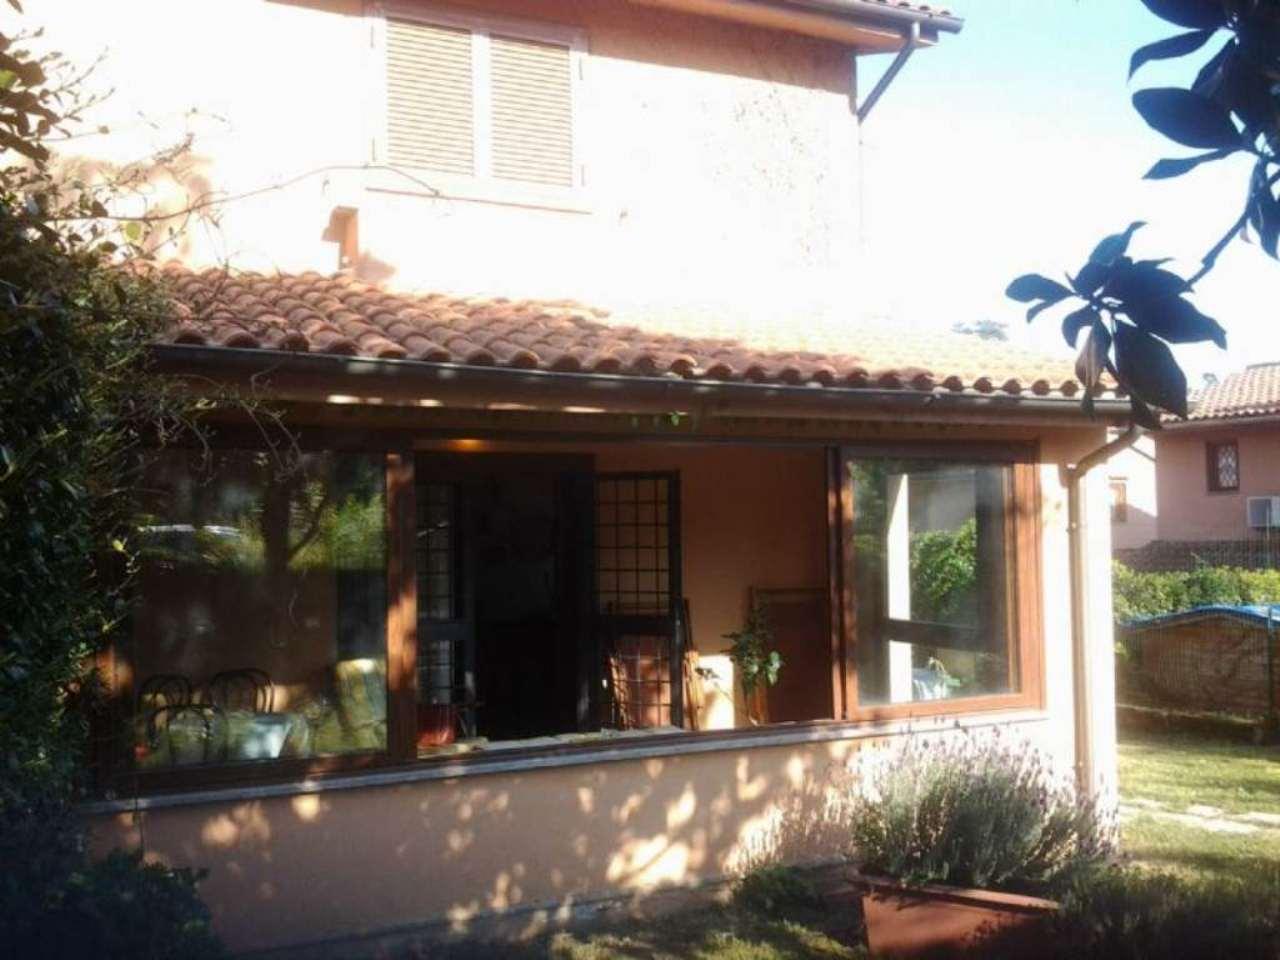 Villa in vendita a Campagnano di Roma, 5 locali, prezzo € 180.000 | Cambio Casa.it